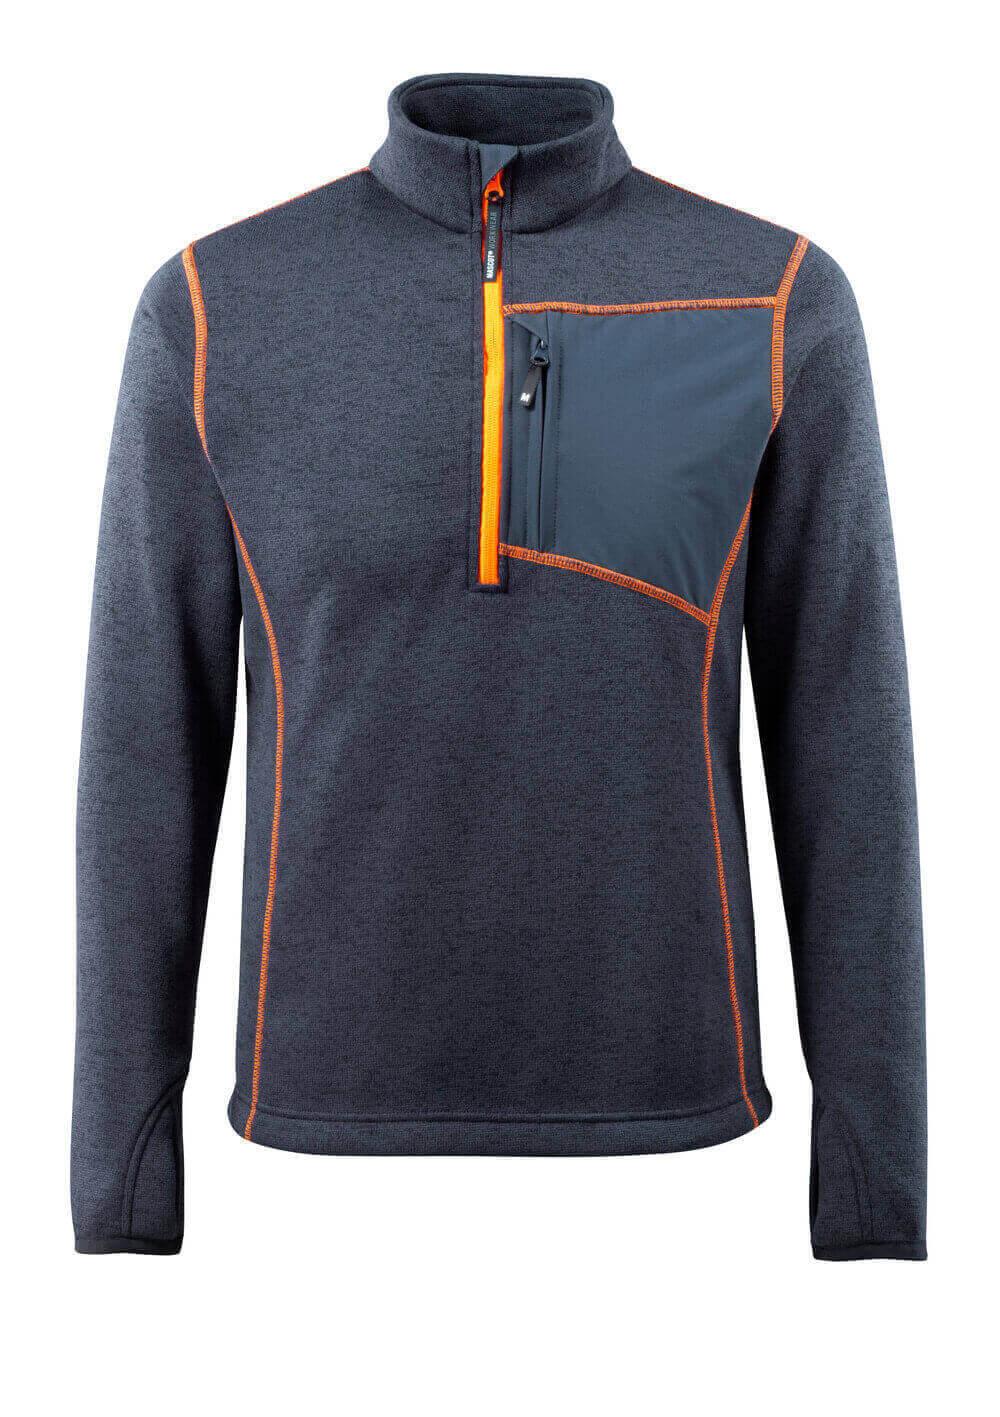 50149-951-010 Gebreide trui met korte rits - donkermarine